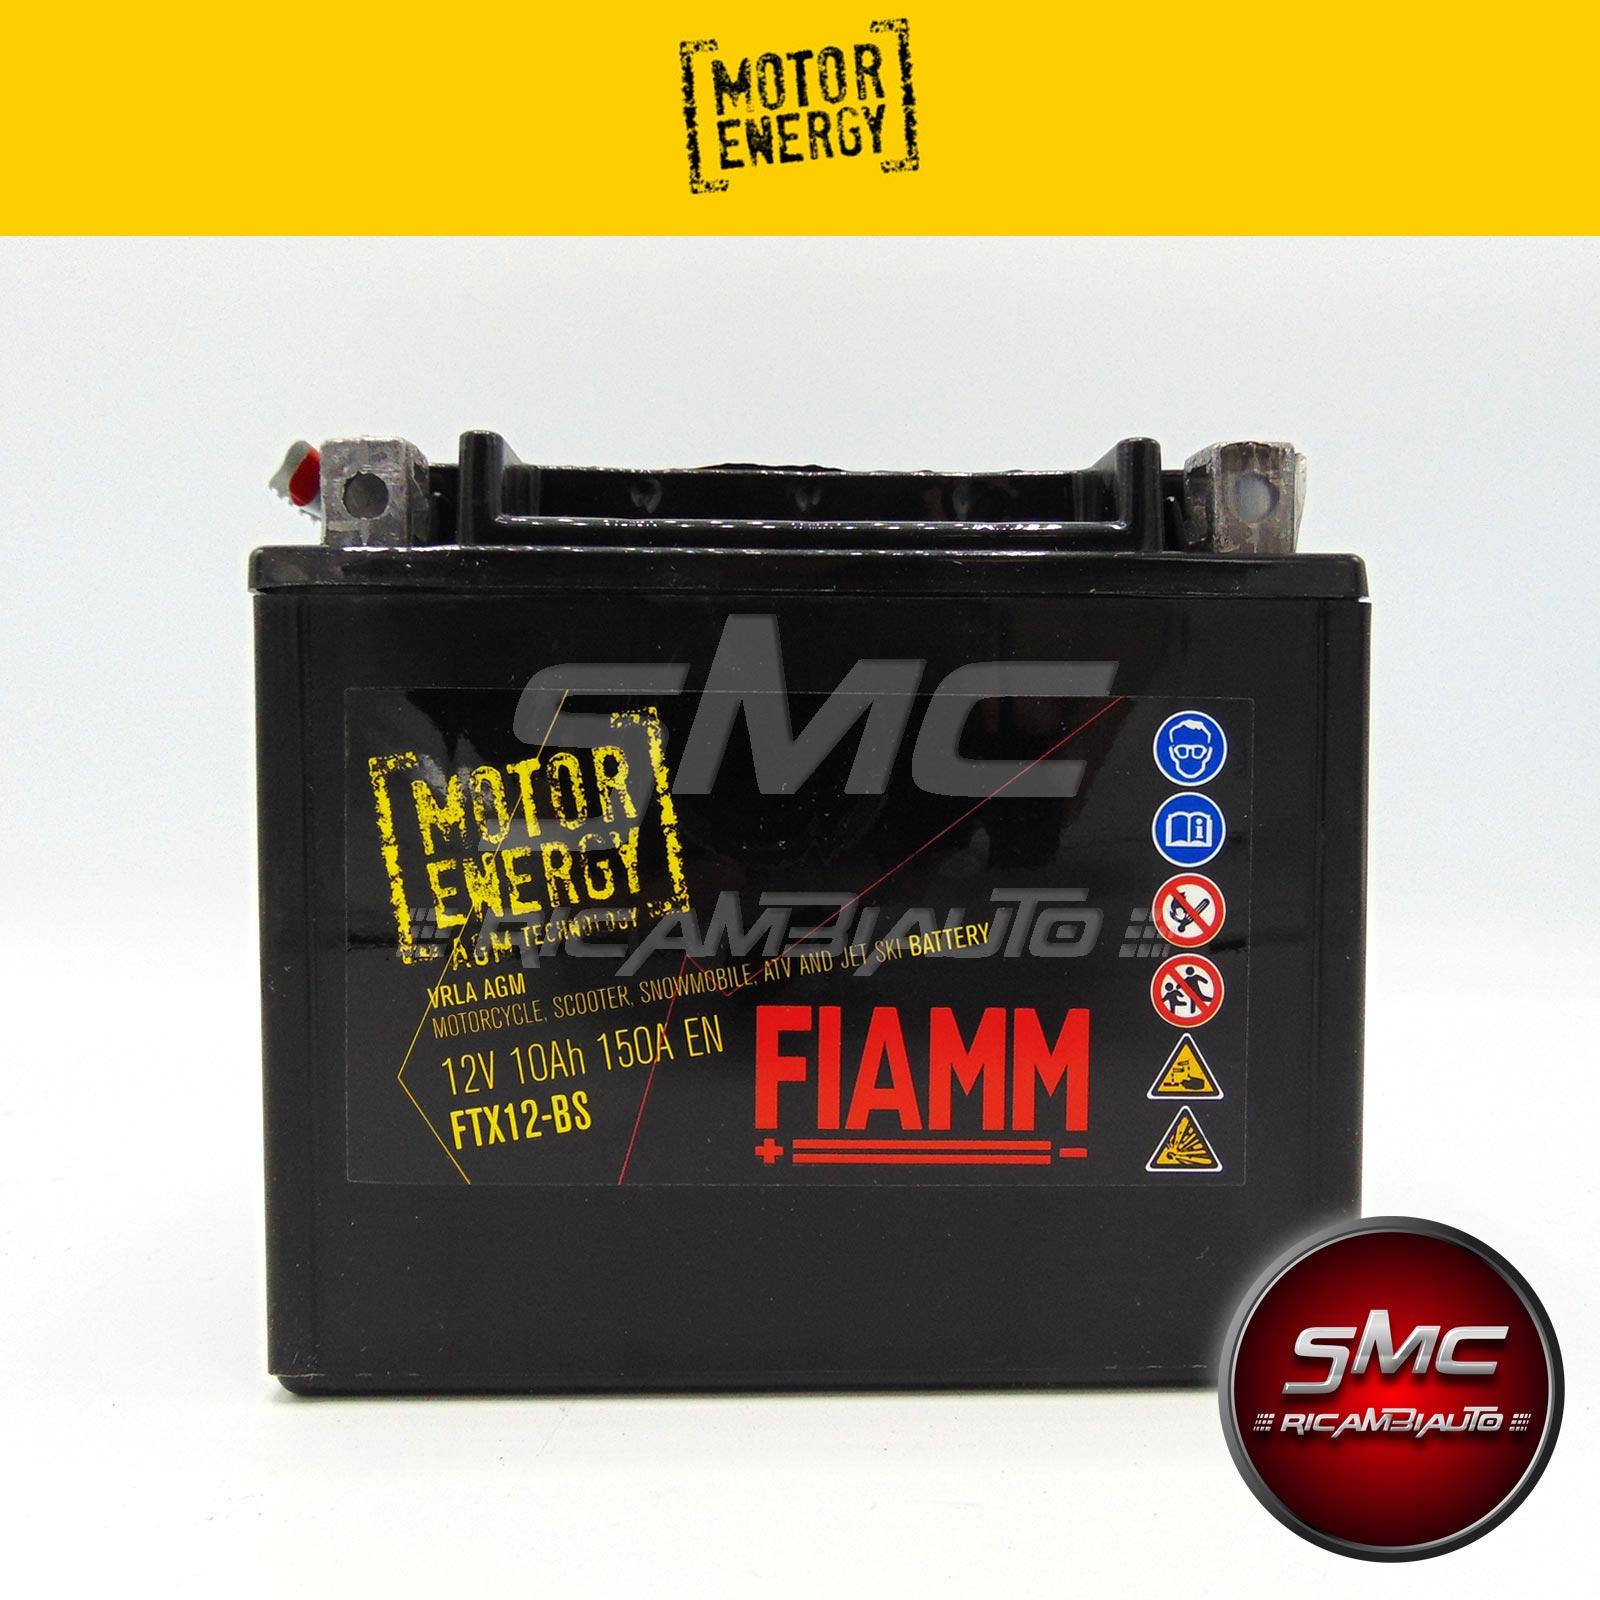 Batteria per la tua moto ricambi auto smc for Smc ricambi auto